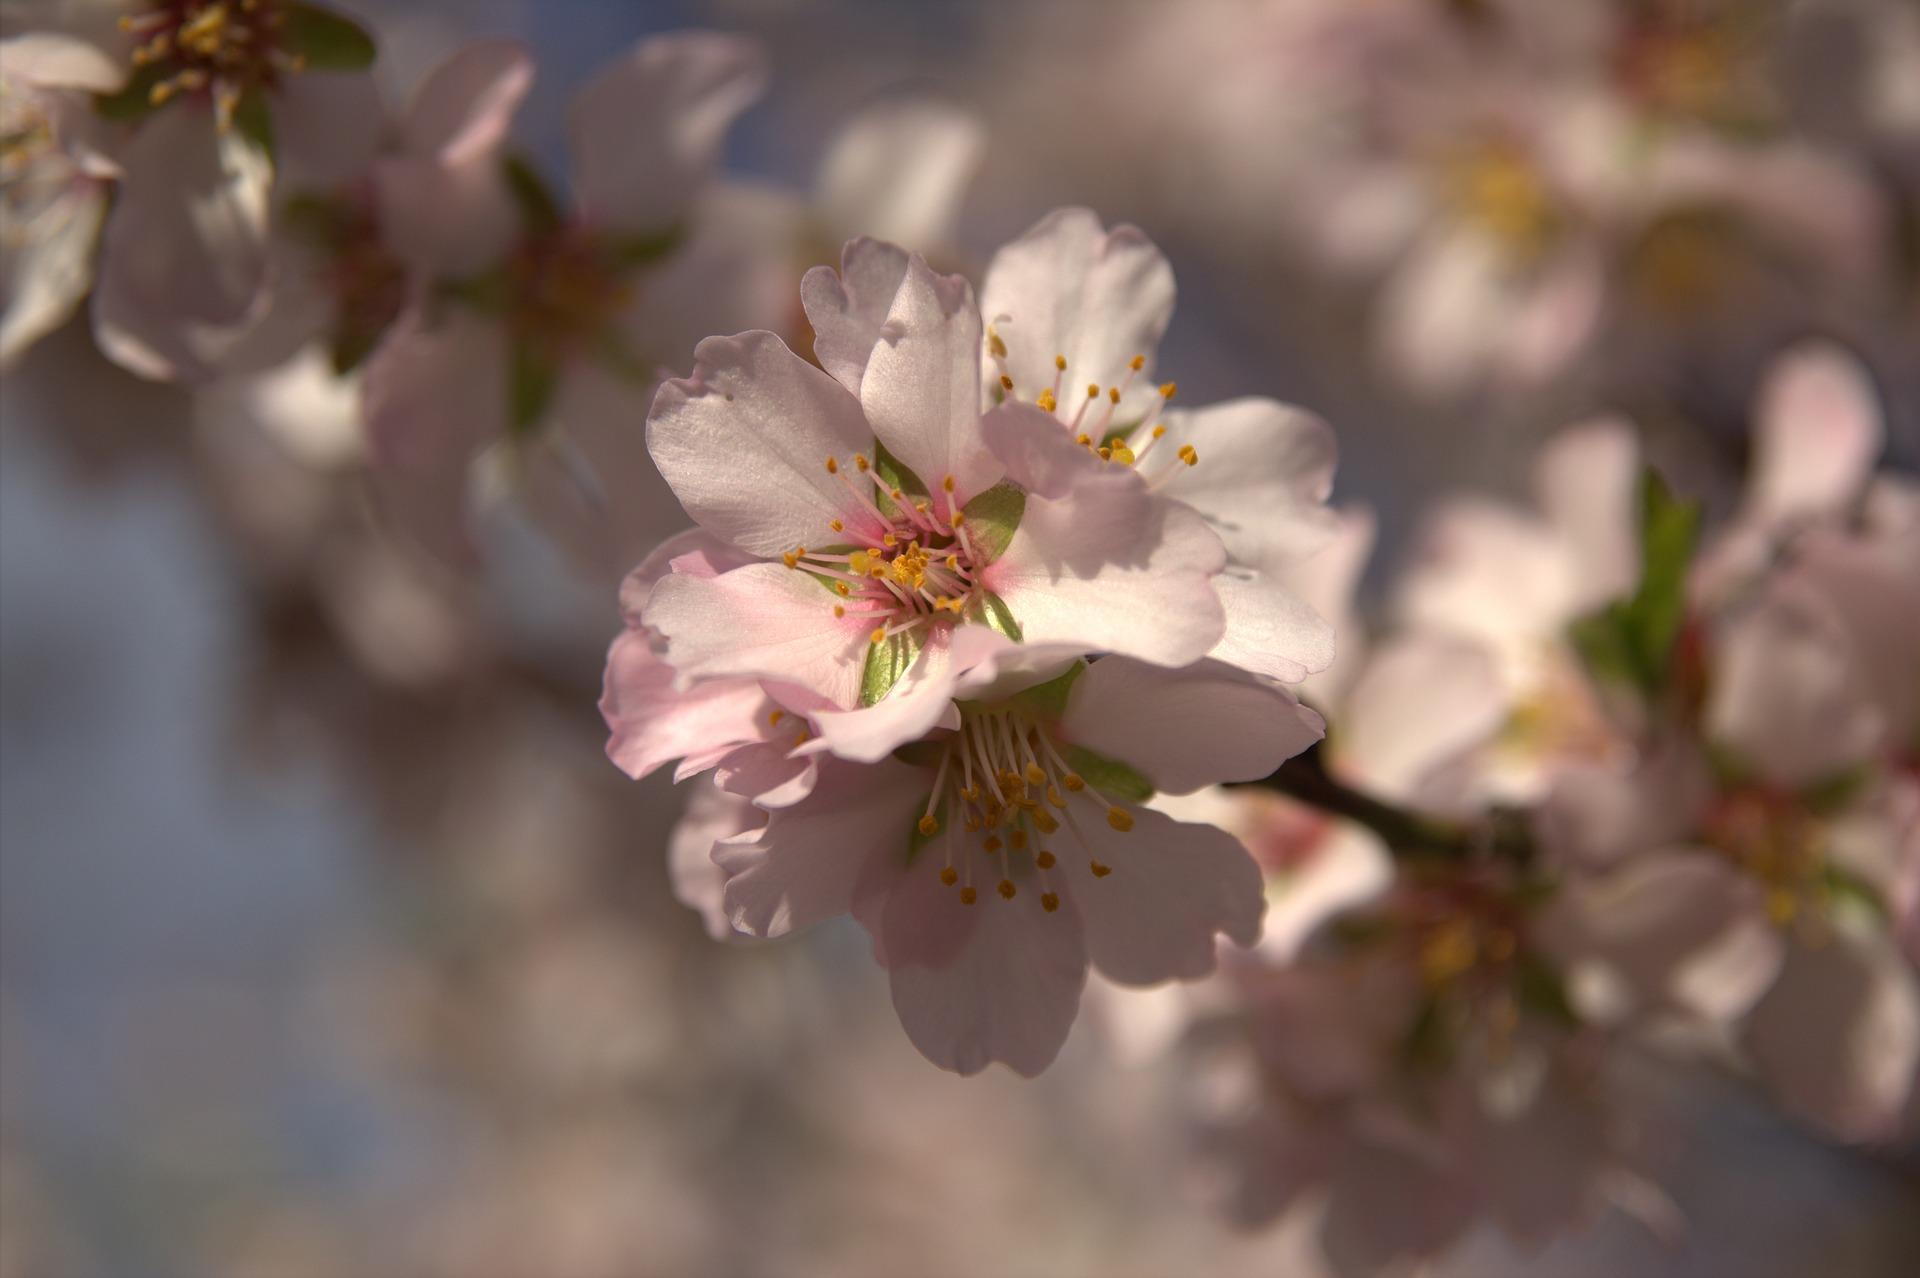 В Парке Победы высадят 75 деревьев миндаля